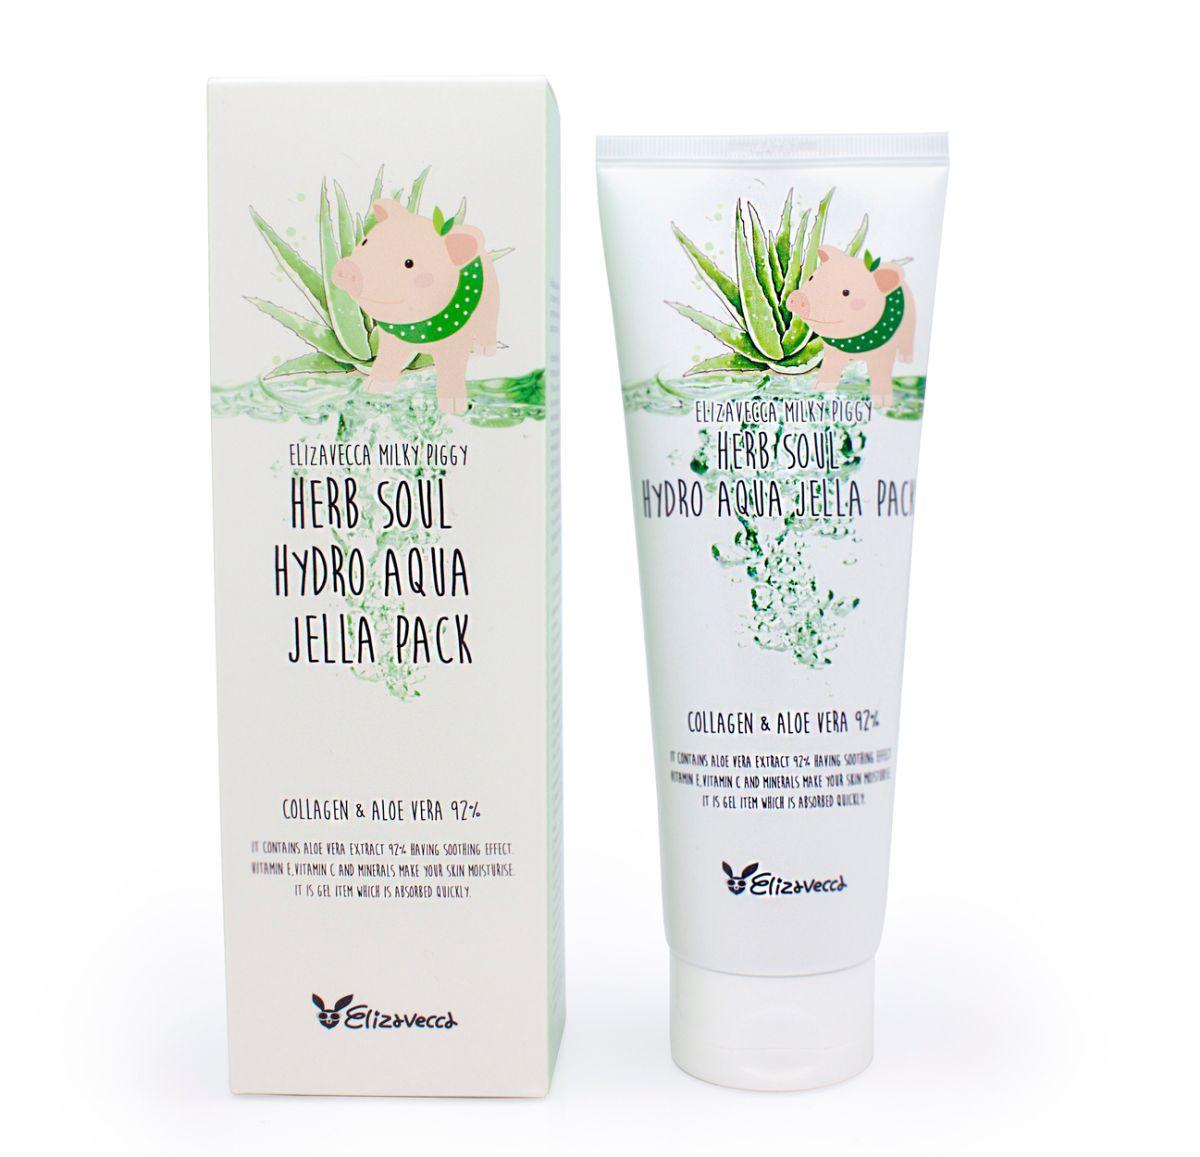 Увлажняющая маска для лица Elizavecca Milky Piggy Herb Soul Hydro Aqua Jella Pack - 250 мл